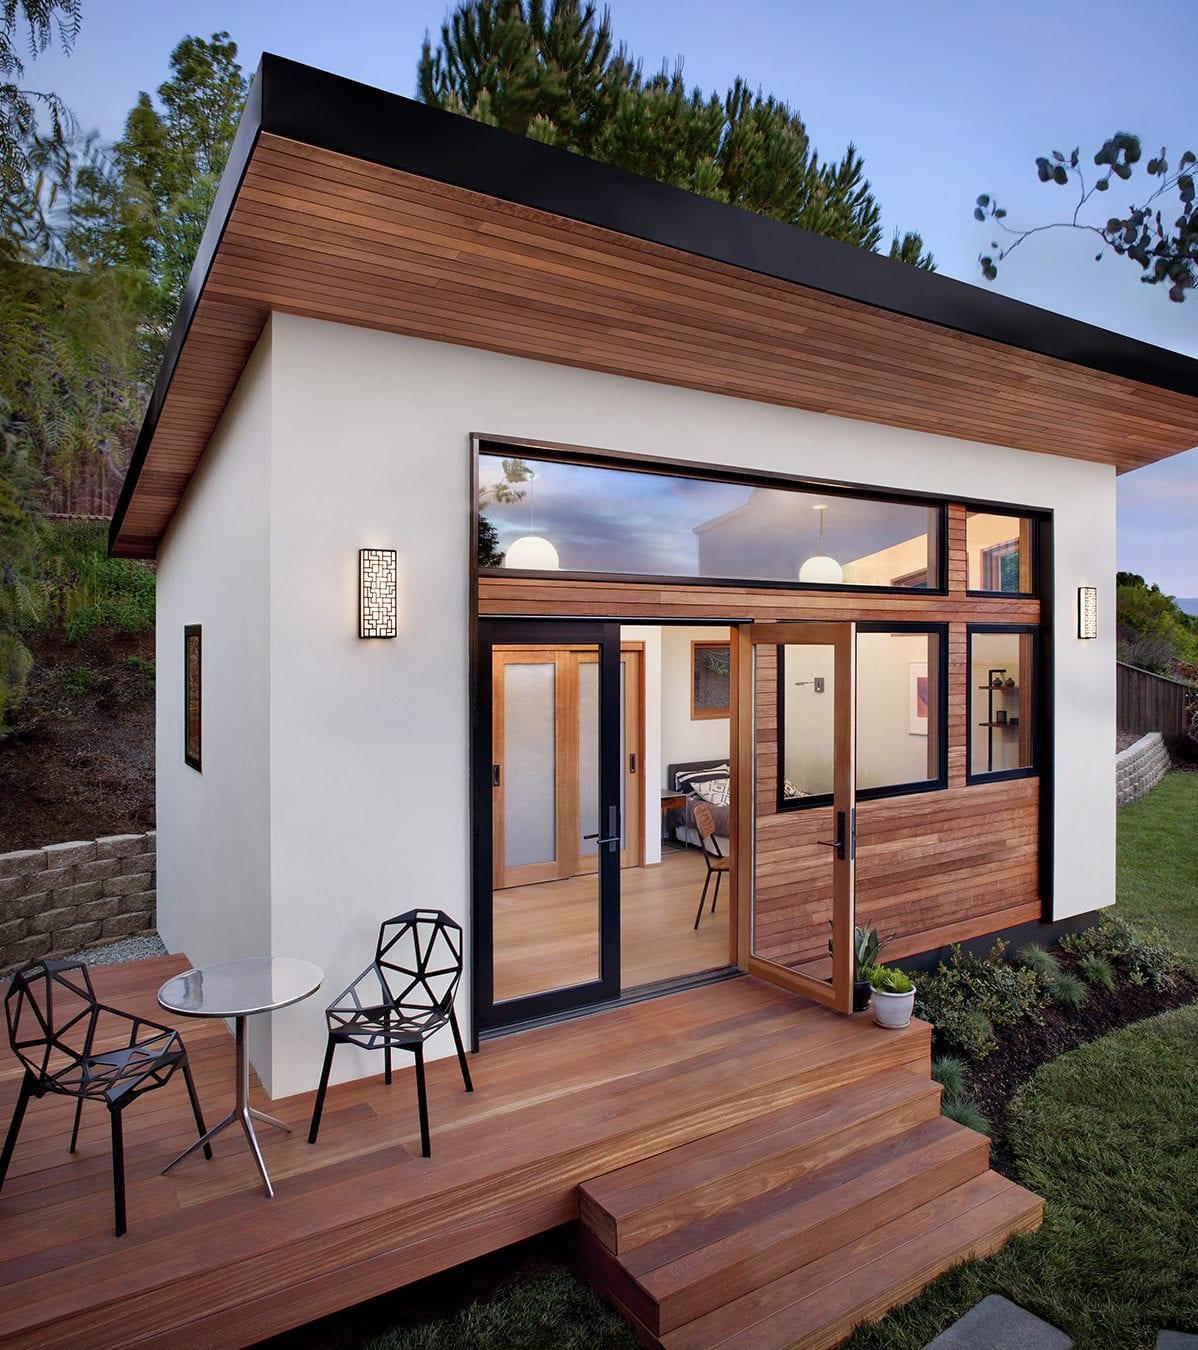 kleines fertighaus mit Holzterrasse in minimalistischem Stil mit Doppelglastür und bandverglasung in schwarz, Holzverkleidung und weißen Putzwänden